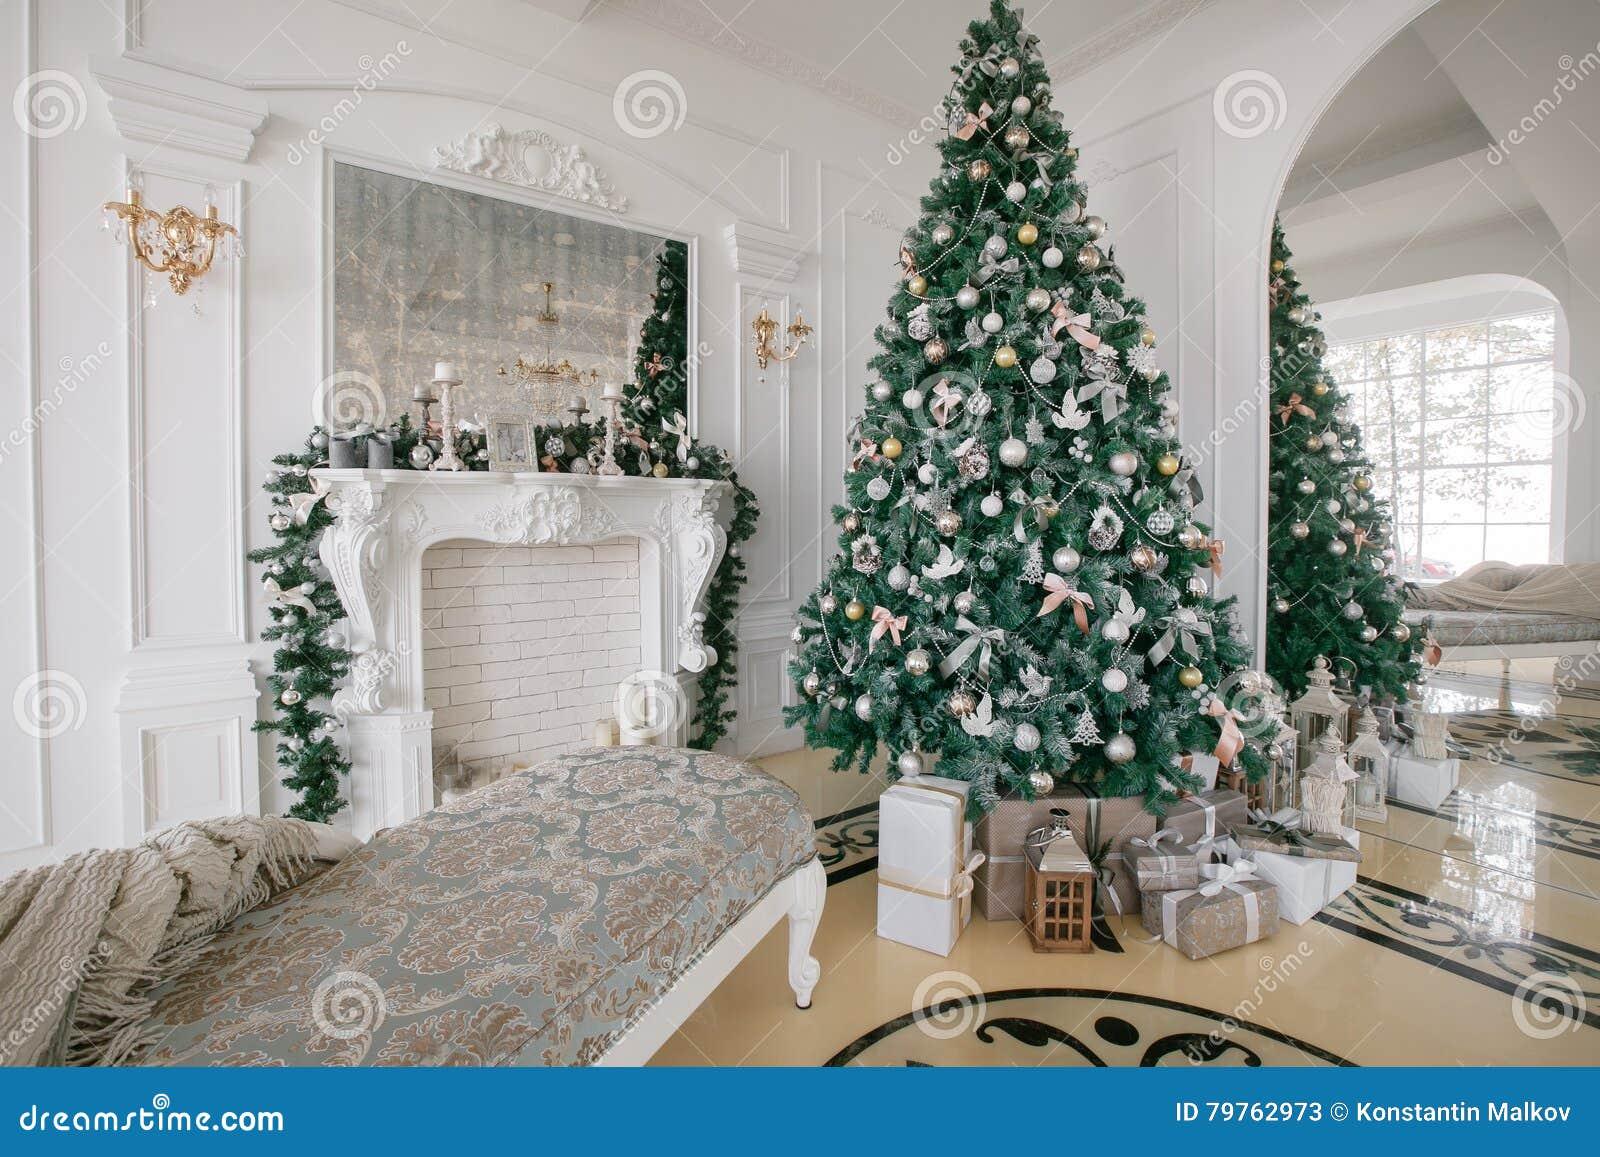 Mattina di natale appartamenti di lusso classici con un camino bianco albero decorato sof - Finestre di natale ...